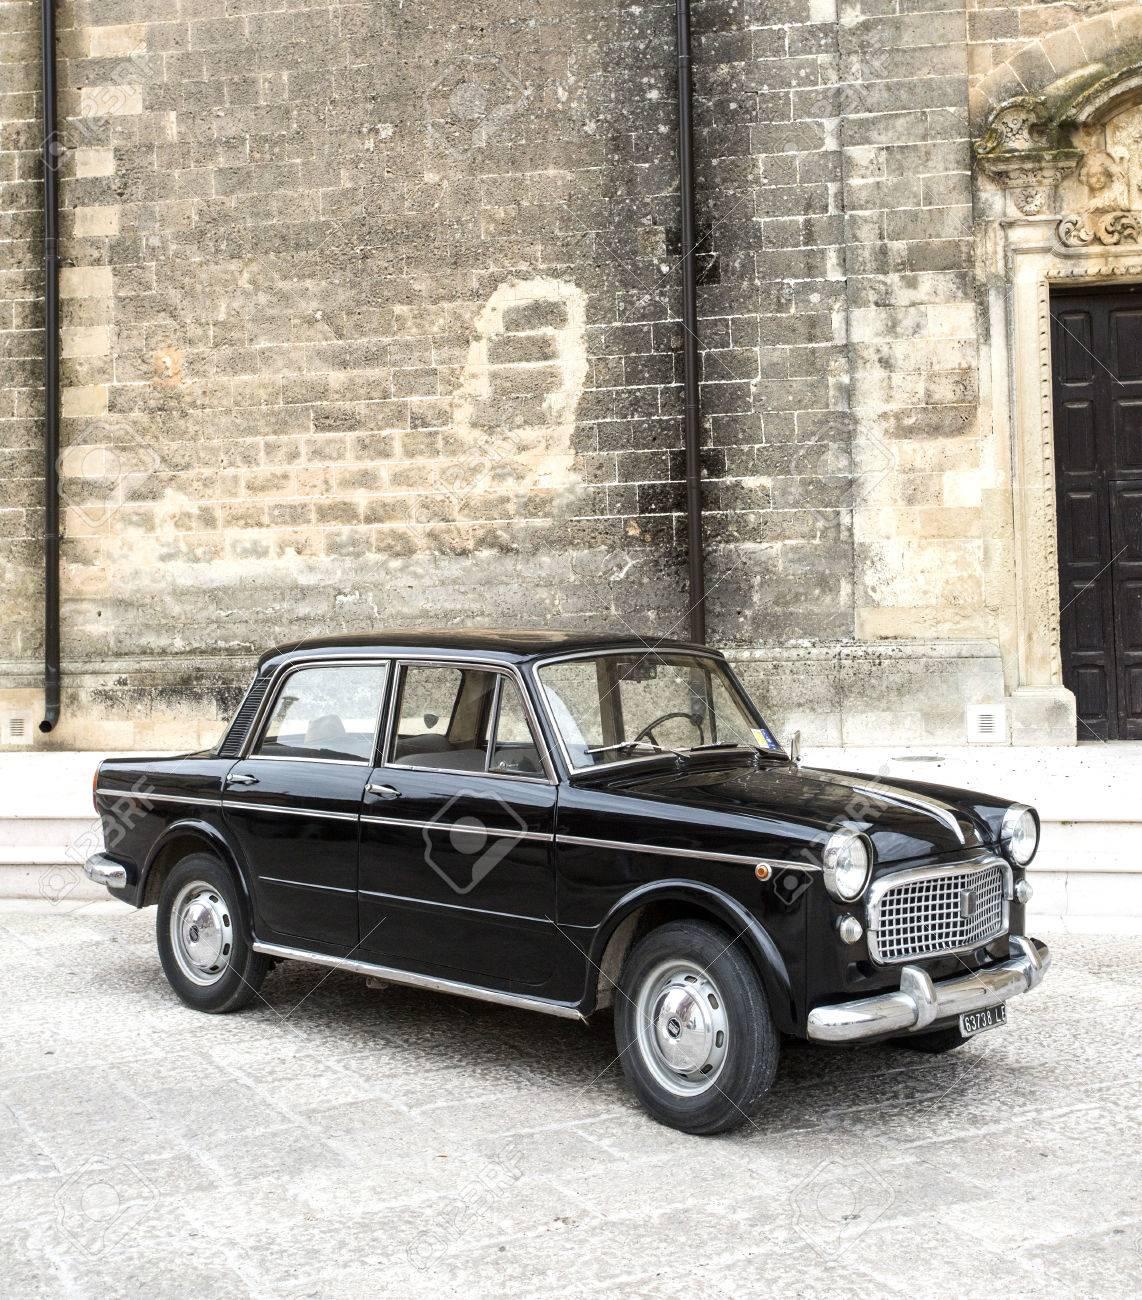 Puglia Italie Mei 02 2015 Tentoonstelling Van Oude Auto S Oude Zwarte Fiat Op Een Stadsstraat Royalty Vrije Foto Plaatjes Beelden En Stock Fotografie Image 51773035